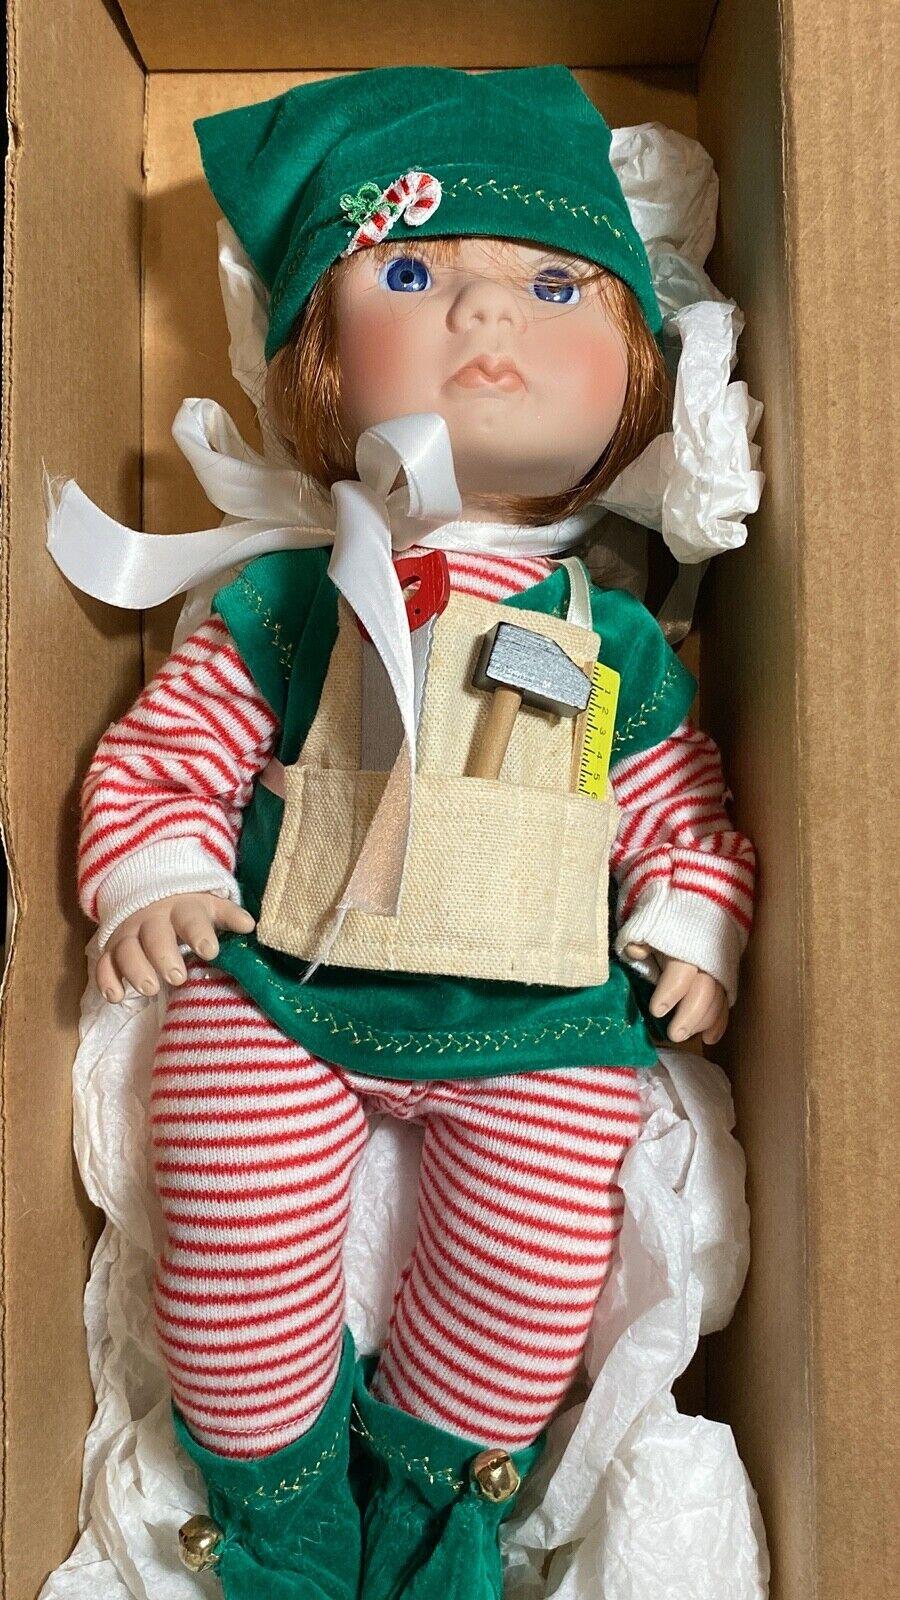 VTG. Lee Middleton Dolls Original Christmas Angel Elf  1990 Num.4,952 Of 5,000